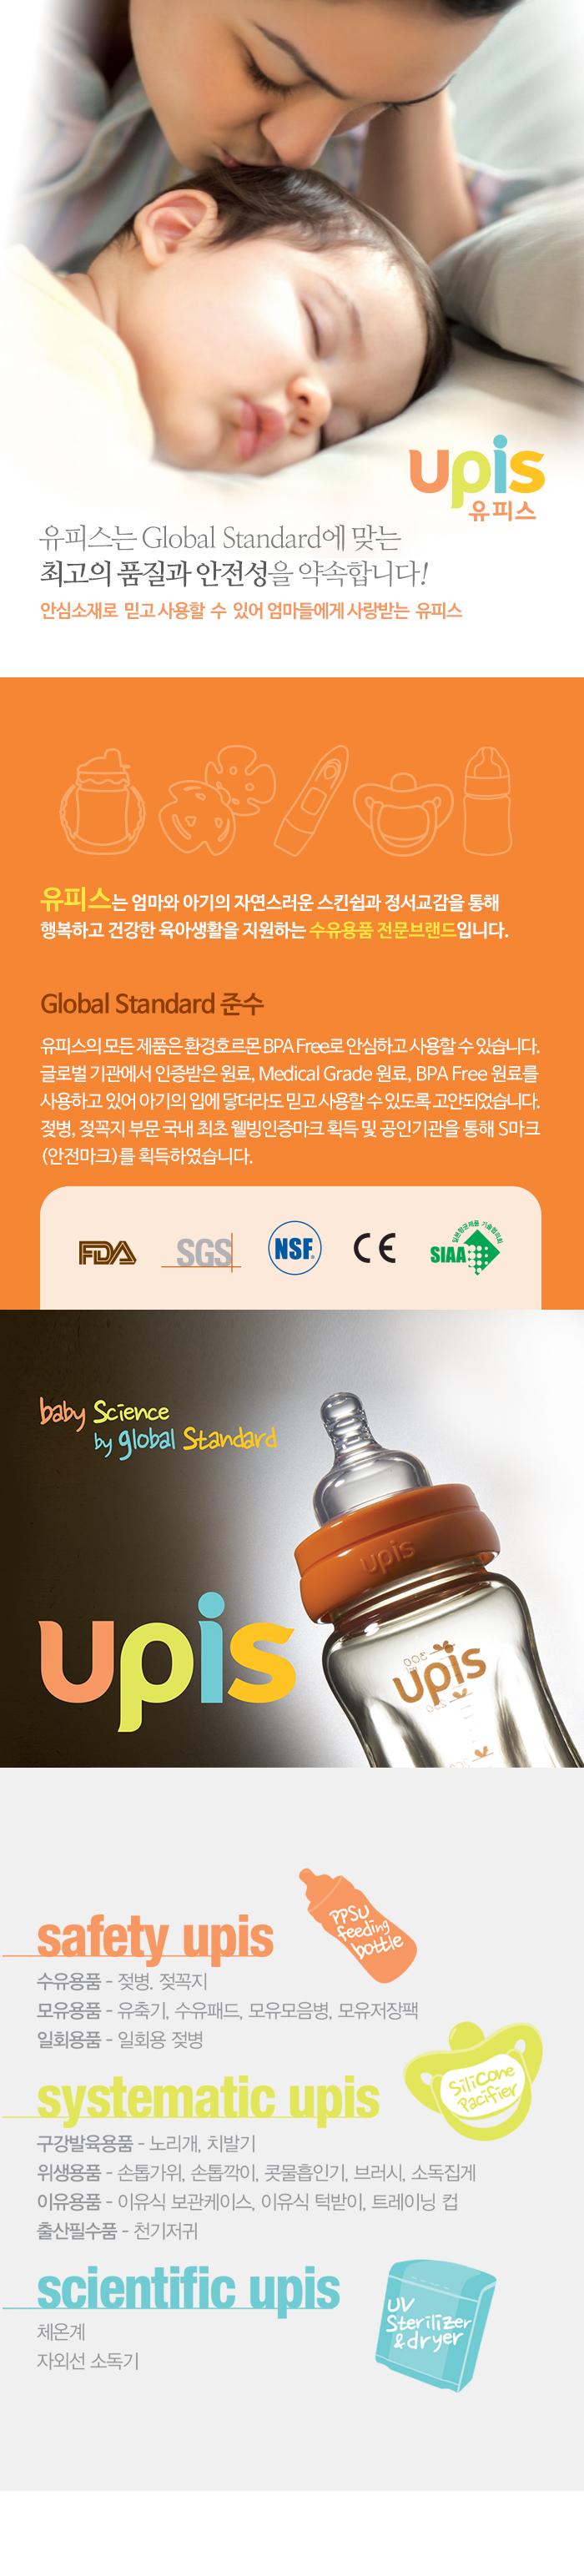 [ UPIS ] 顶部Staw(橙色)*2 ea